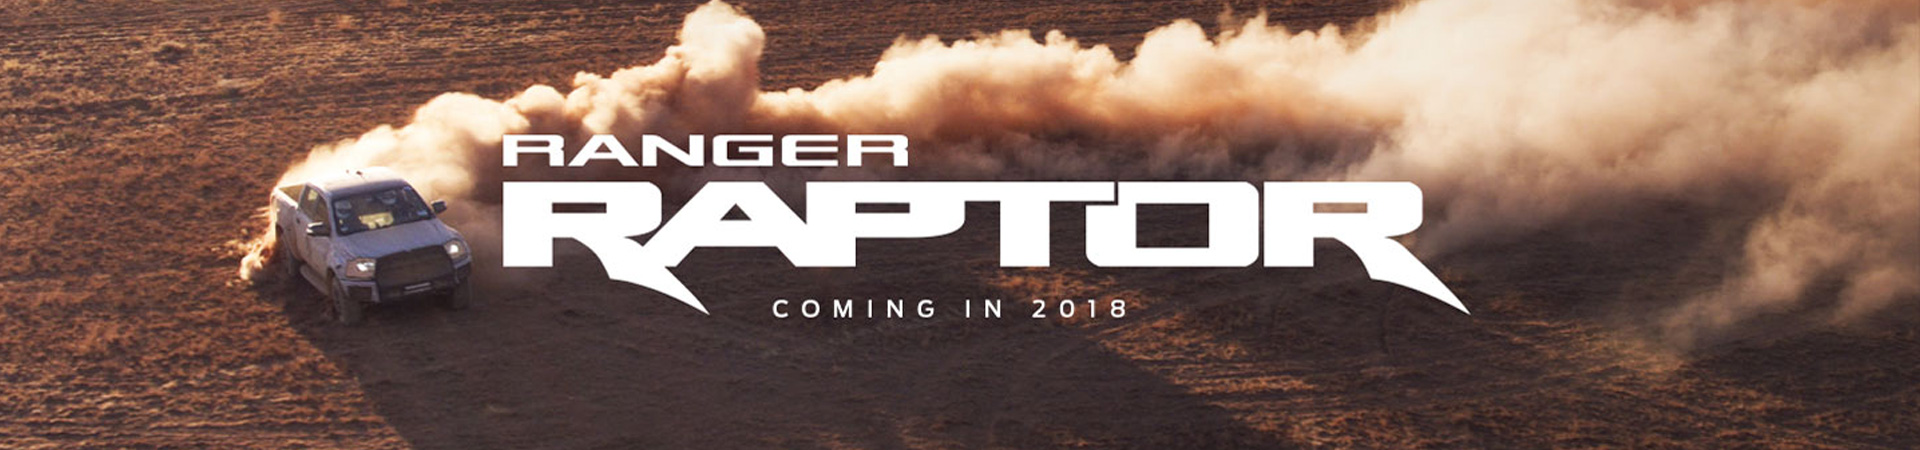 Ranger Raptor